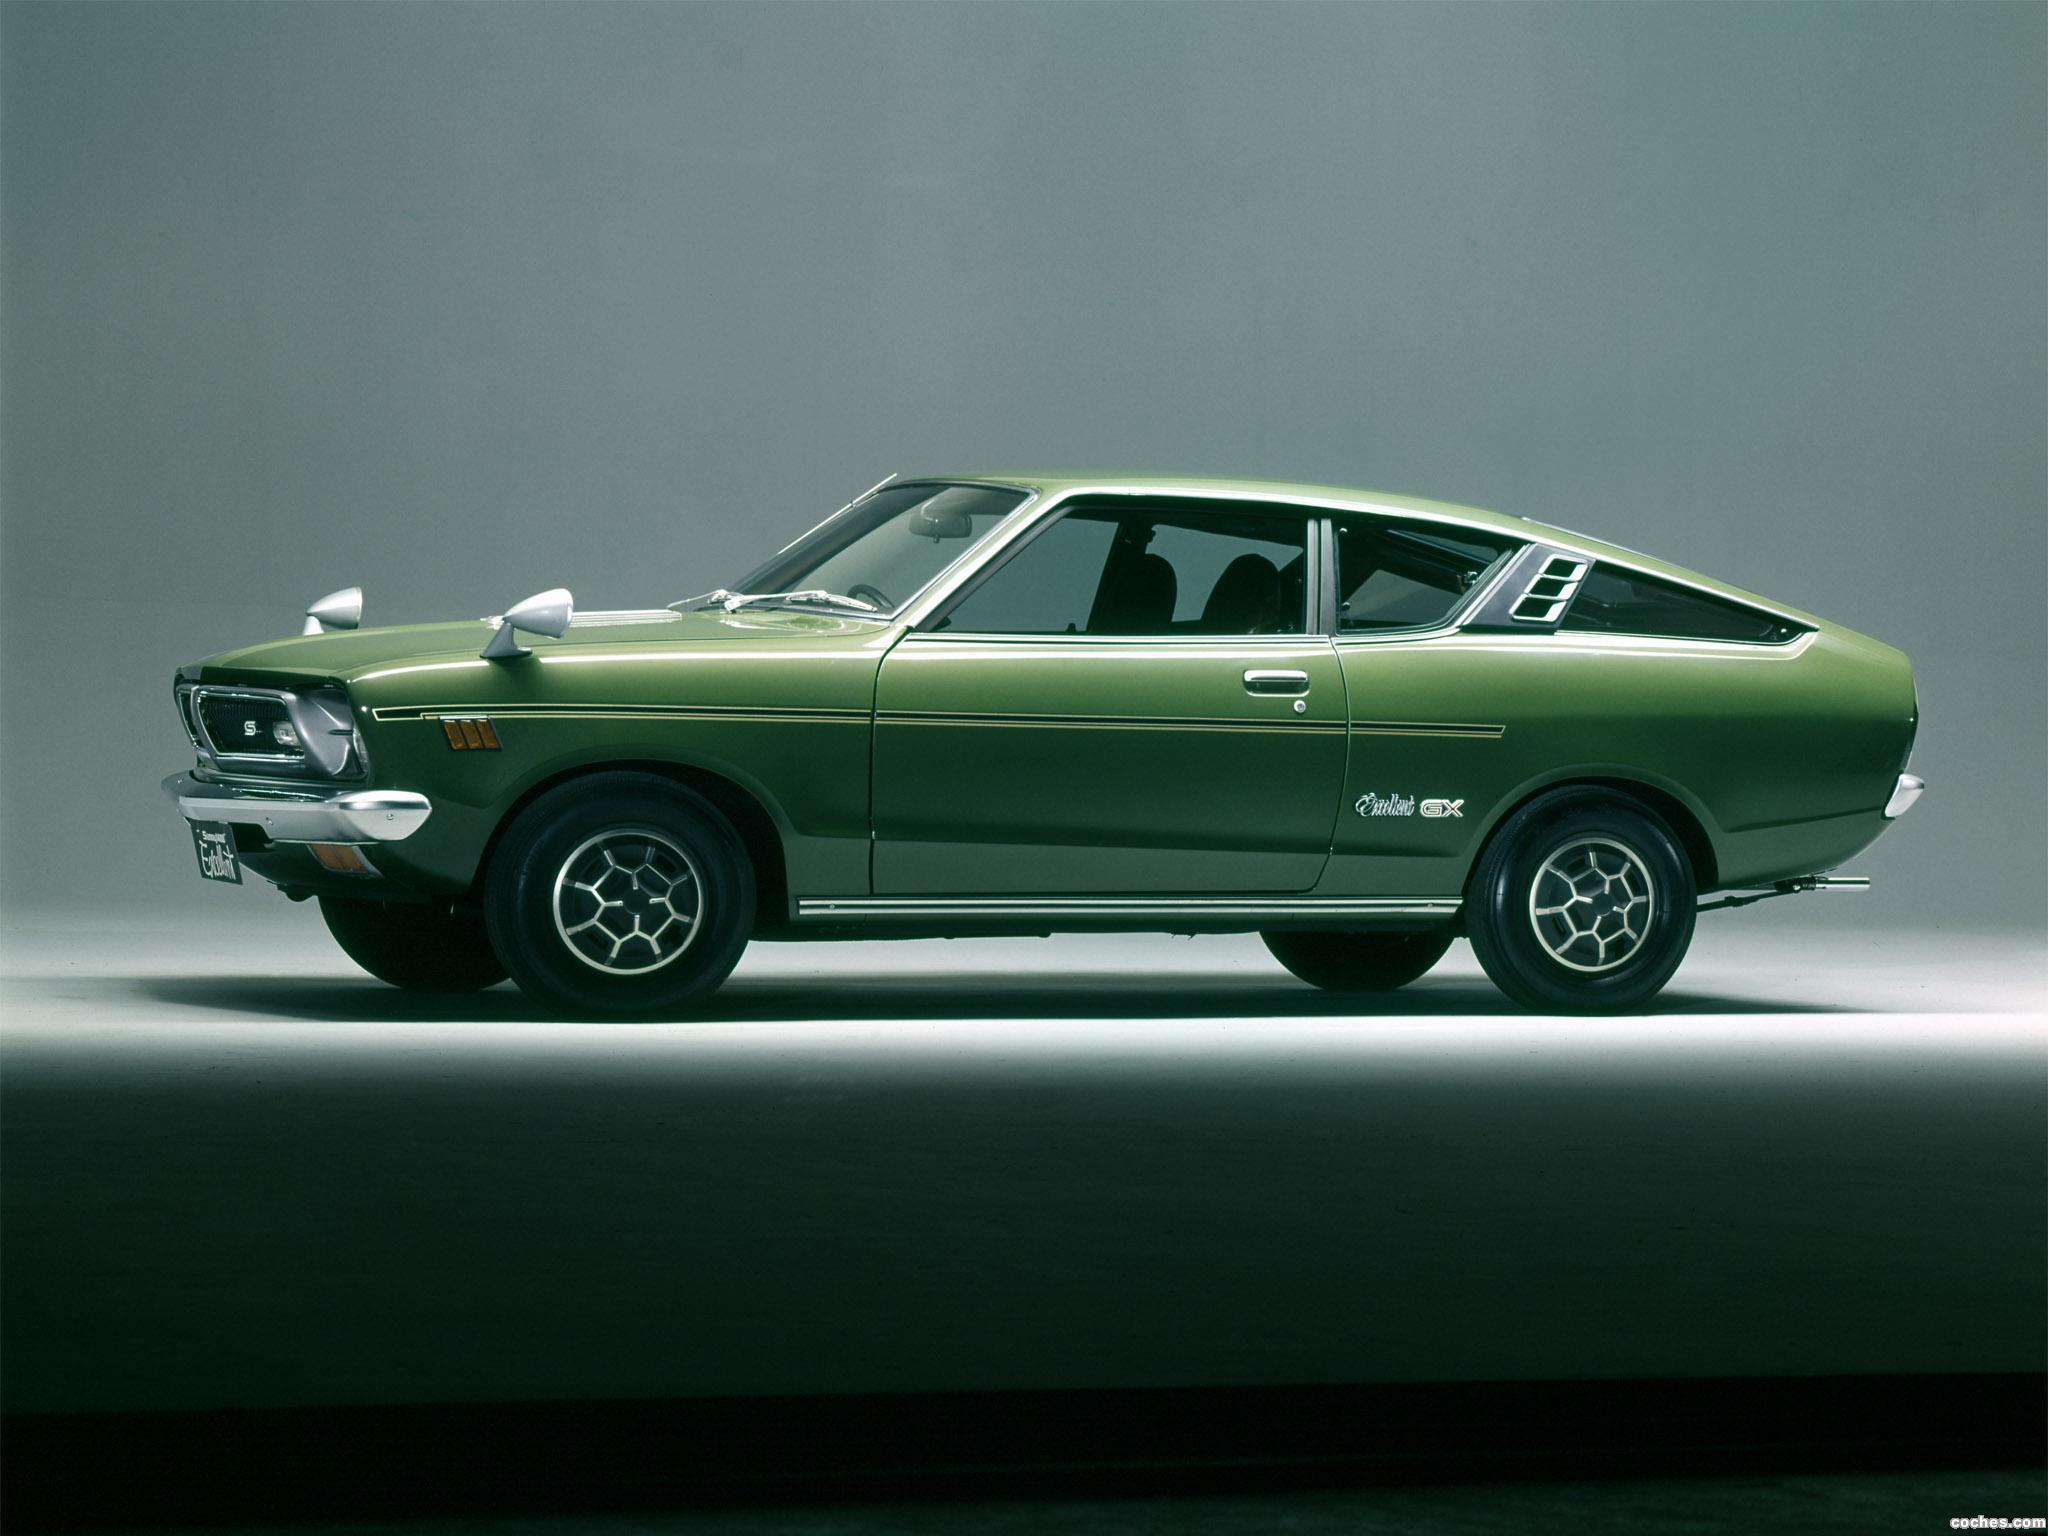 Foto 0 de Datsun Sunny Excellent GX Coupe PB210 1973